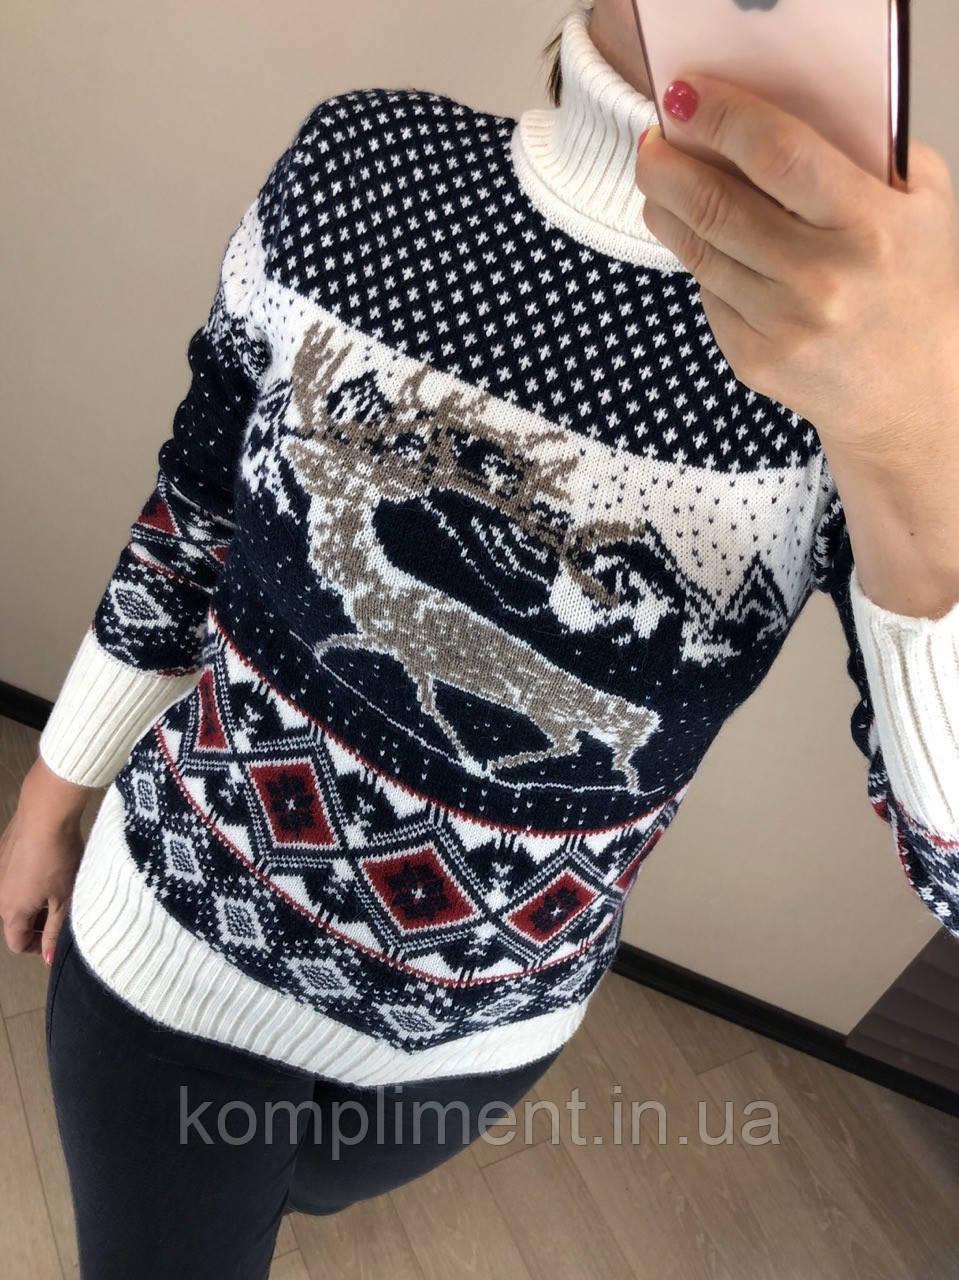 Шерстяной турецкий вязаный свитер с рисунком, белый